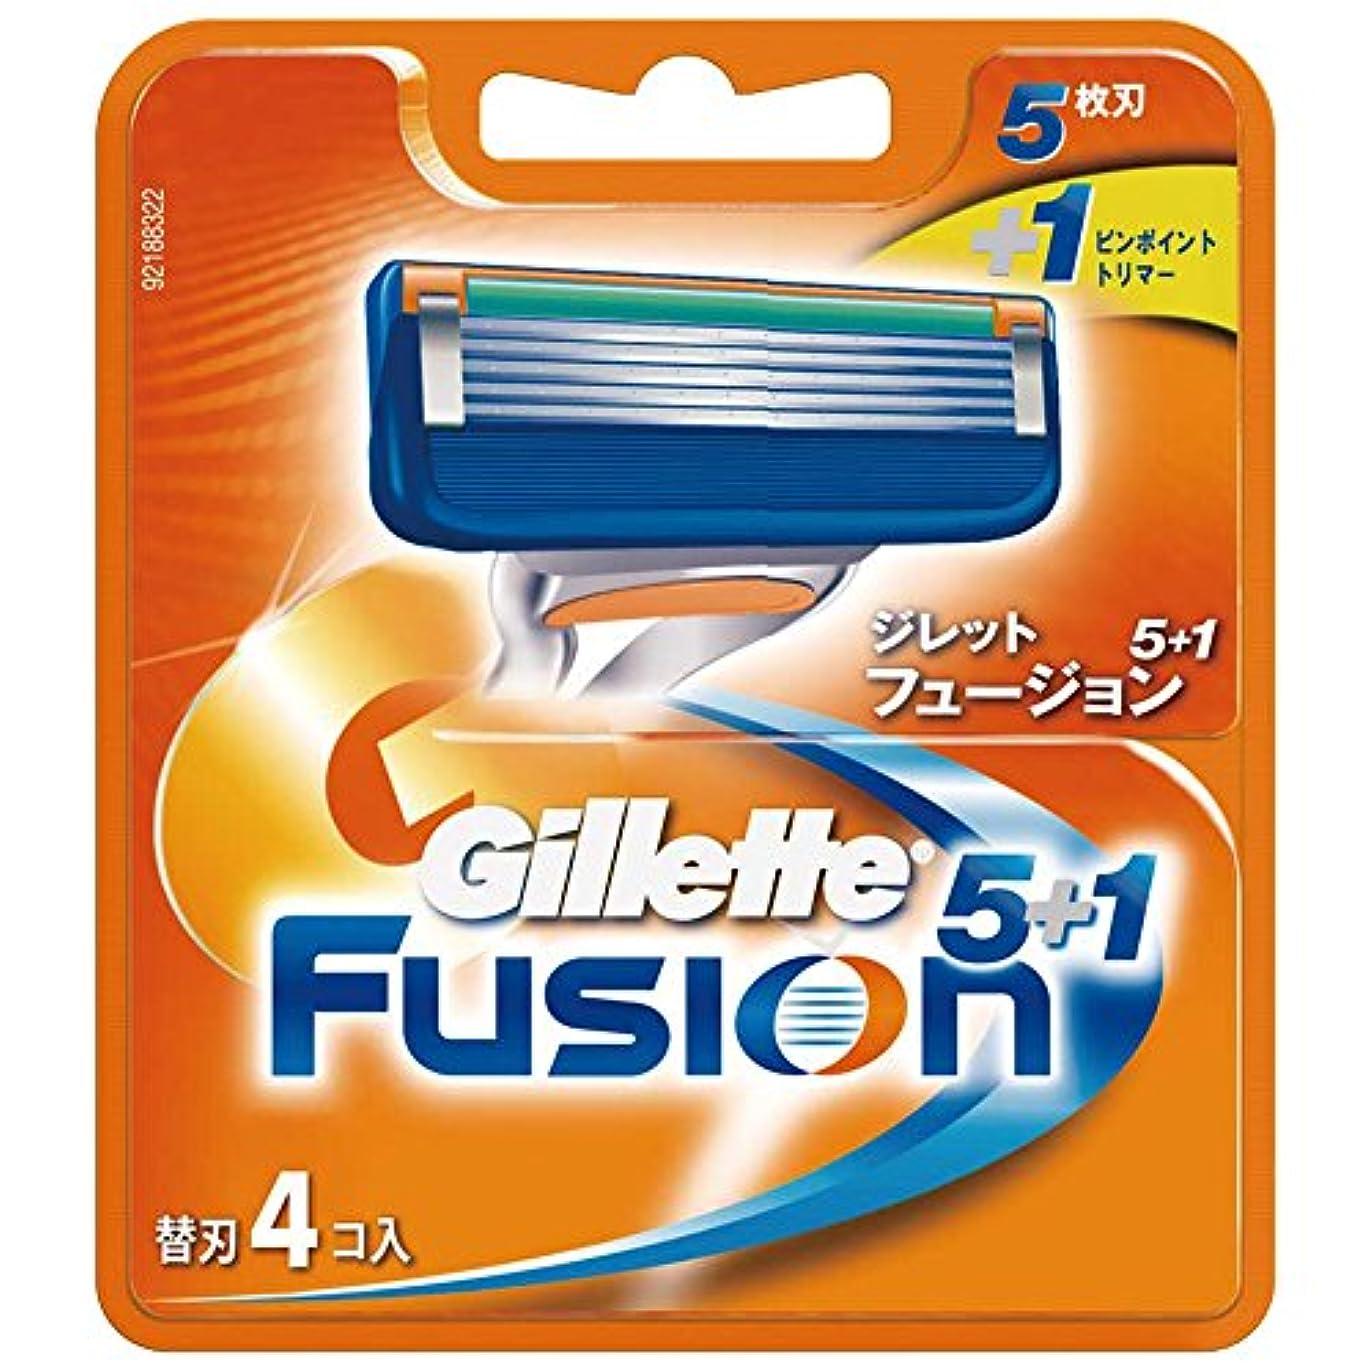 ロデオ続ける確かにジレット 髭剃り フュージョン5+1 替刃4個入